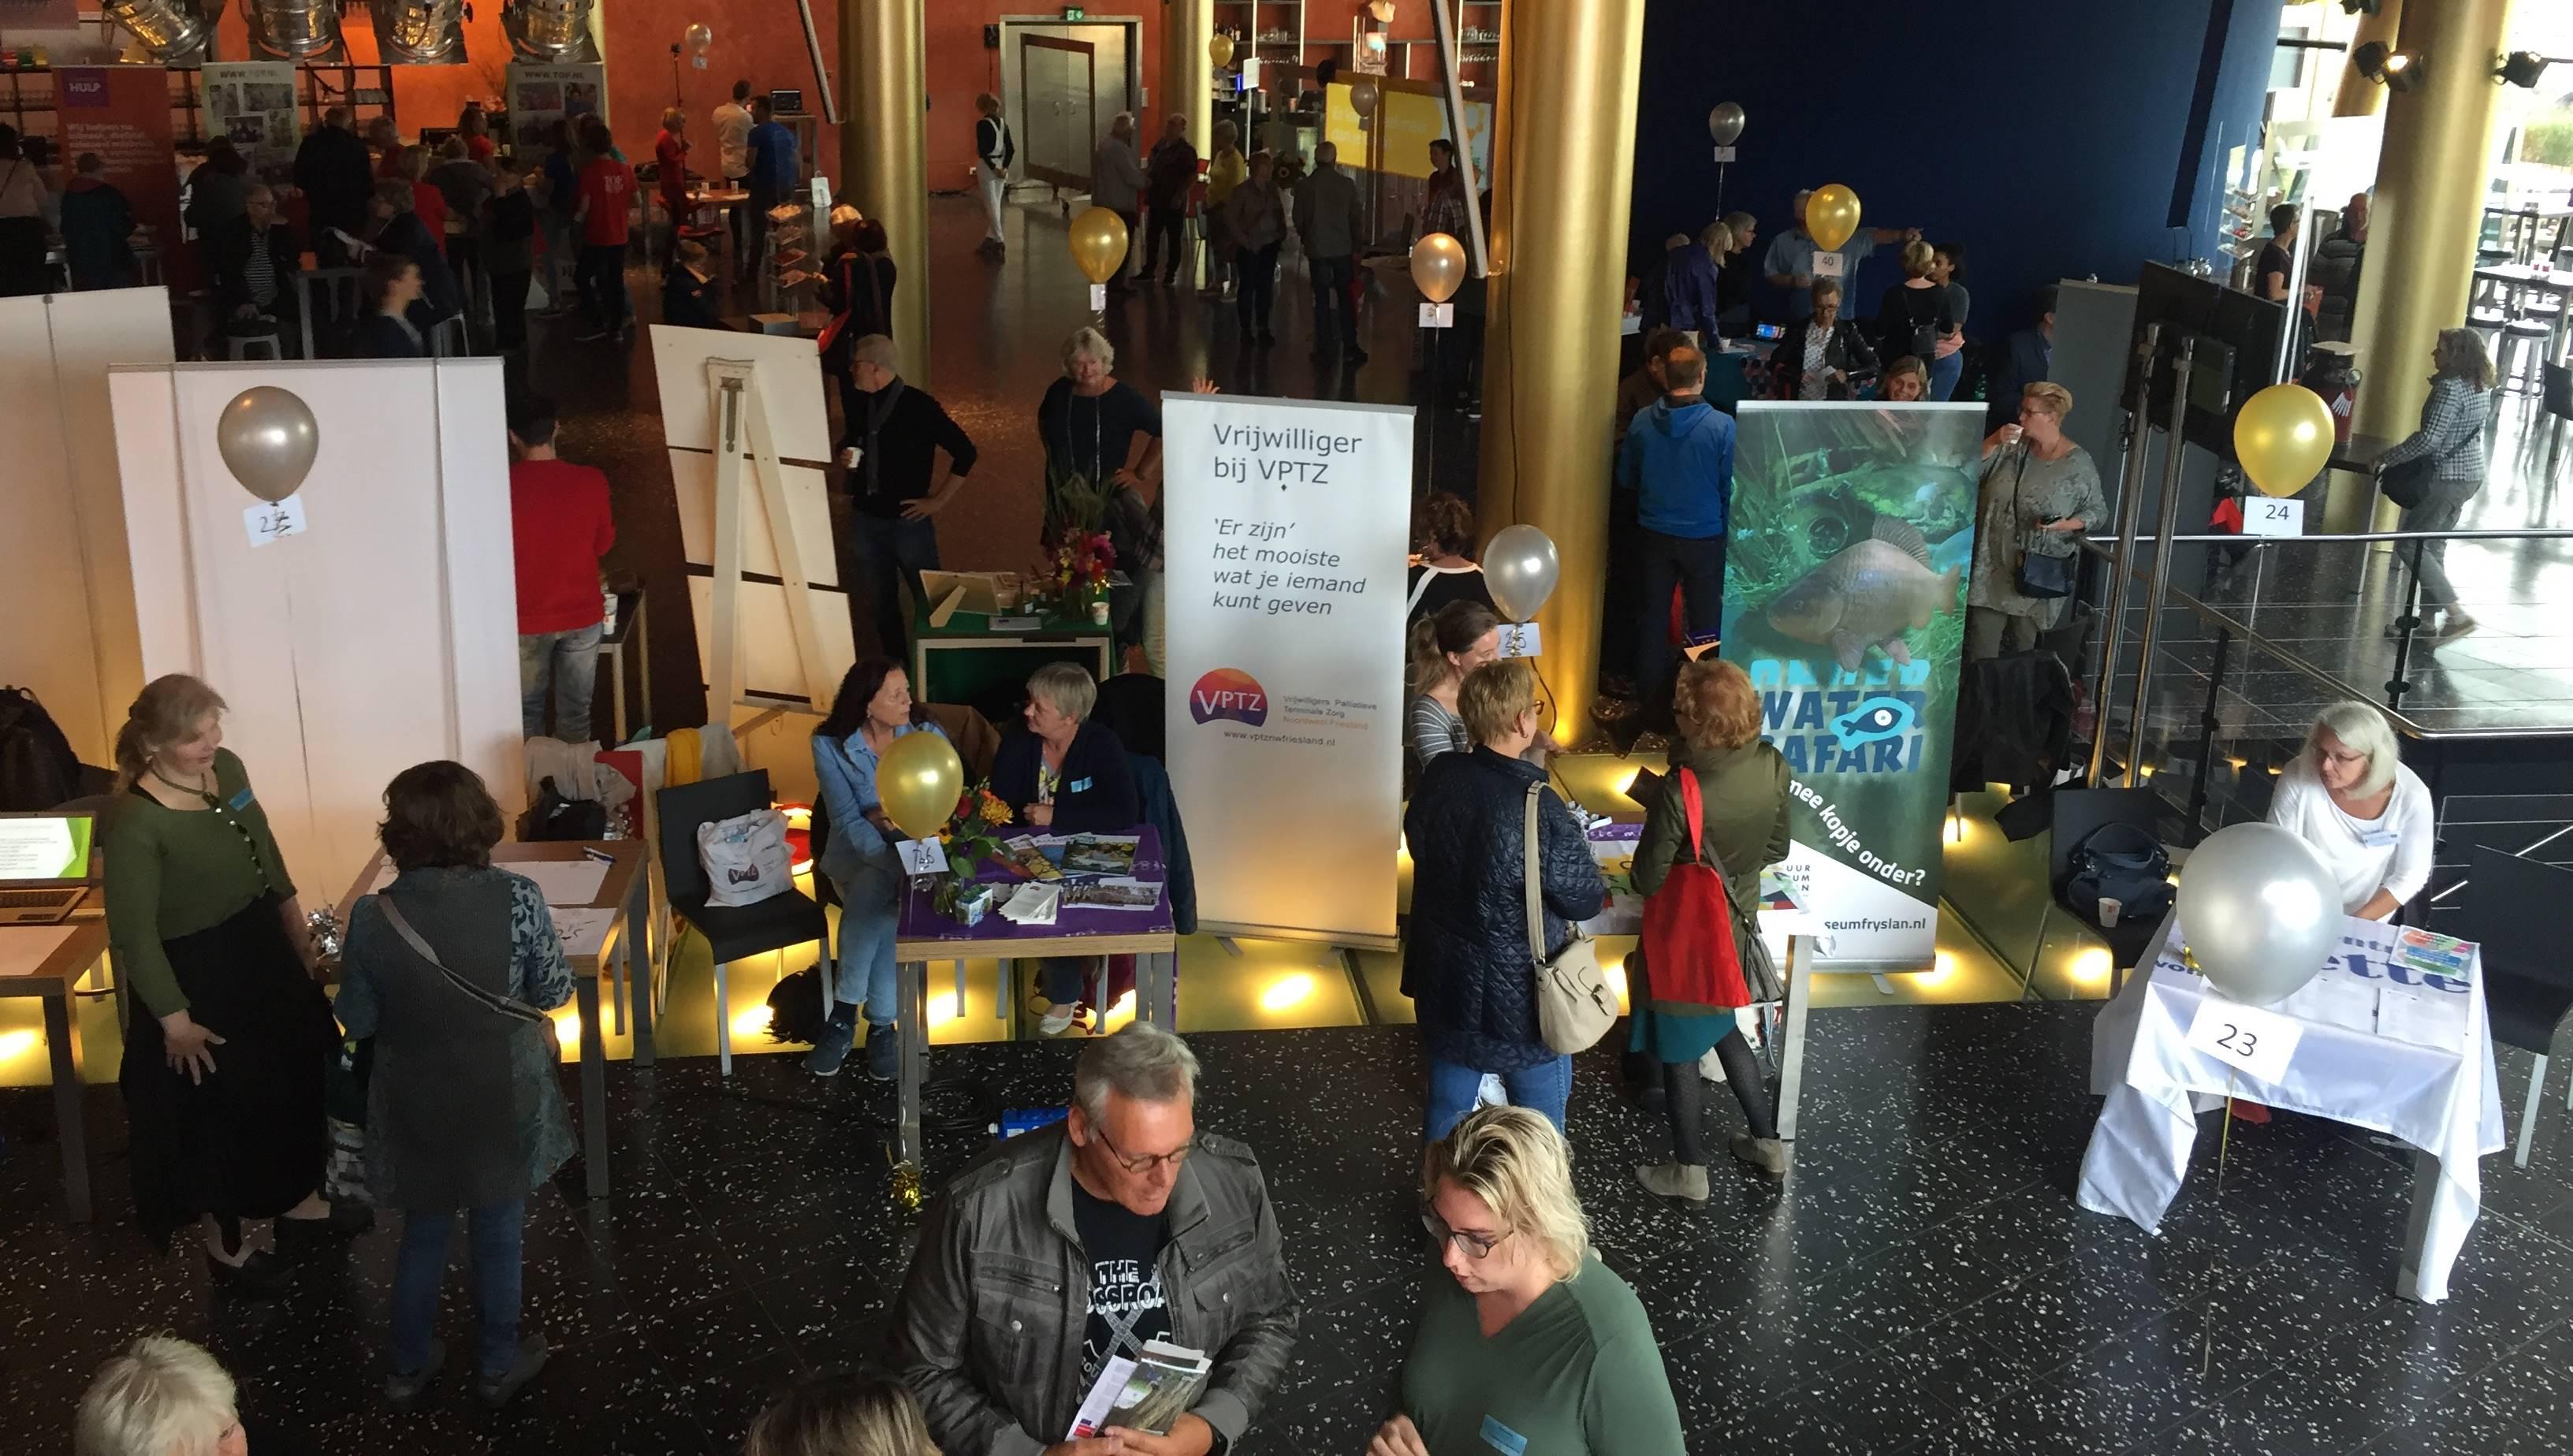 Beleef vrijwilligerswerk tijdens het Vrijwilligersfestival